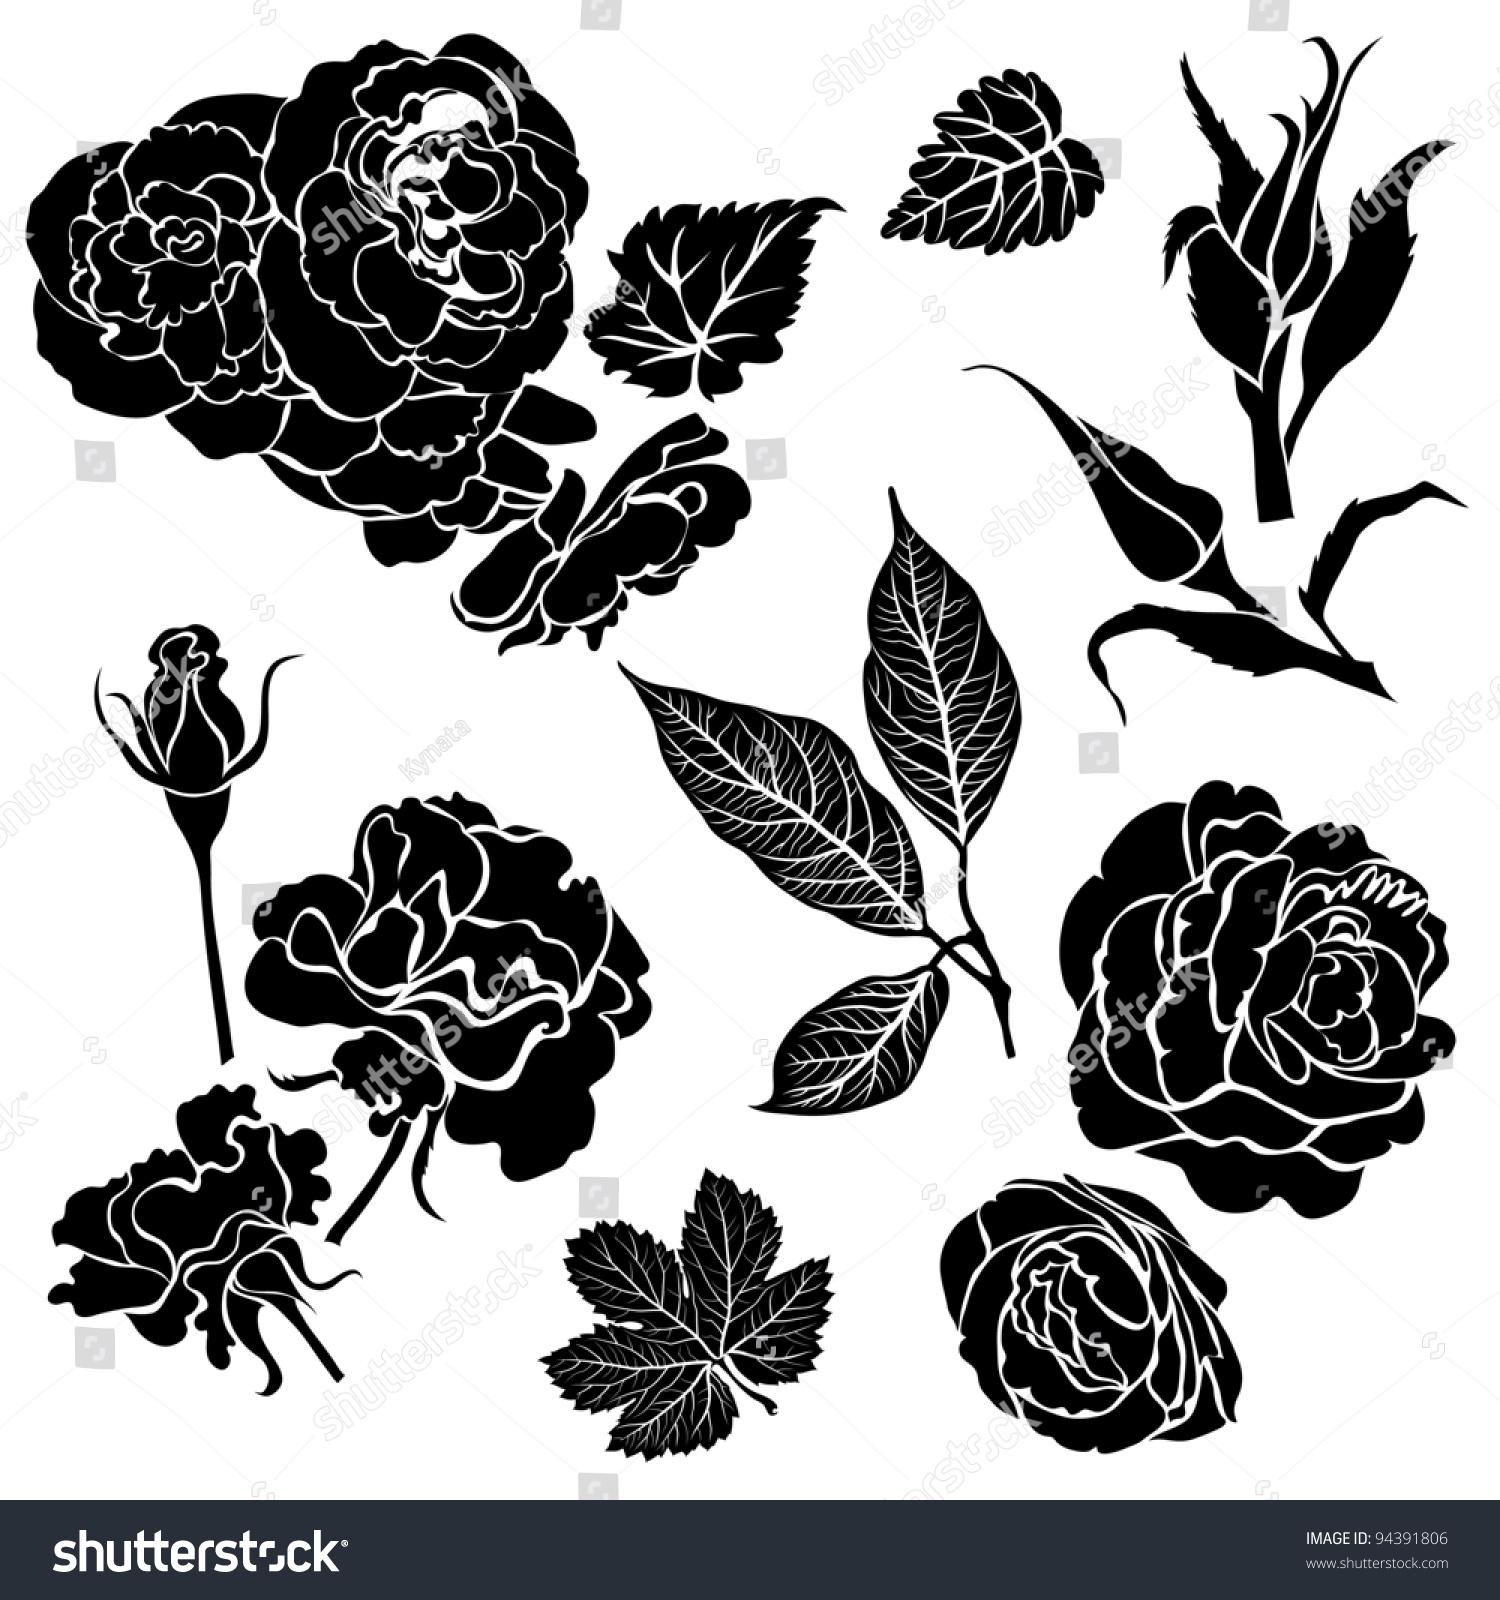 Set Of Black Flower Design Elements Stock Vector: Set Of Black Floral Design Elements